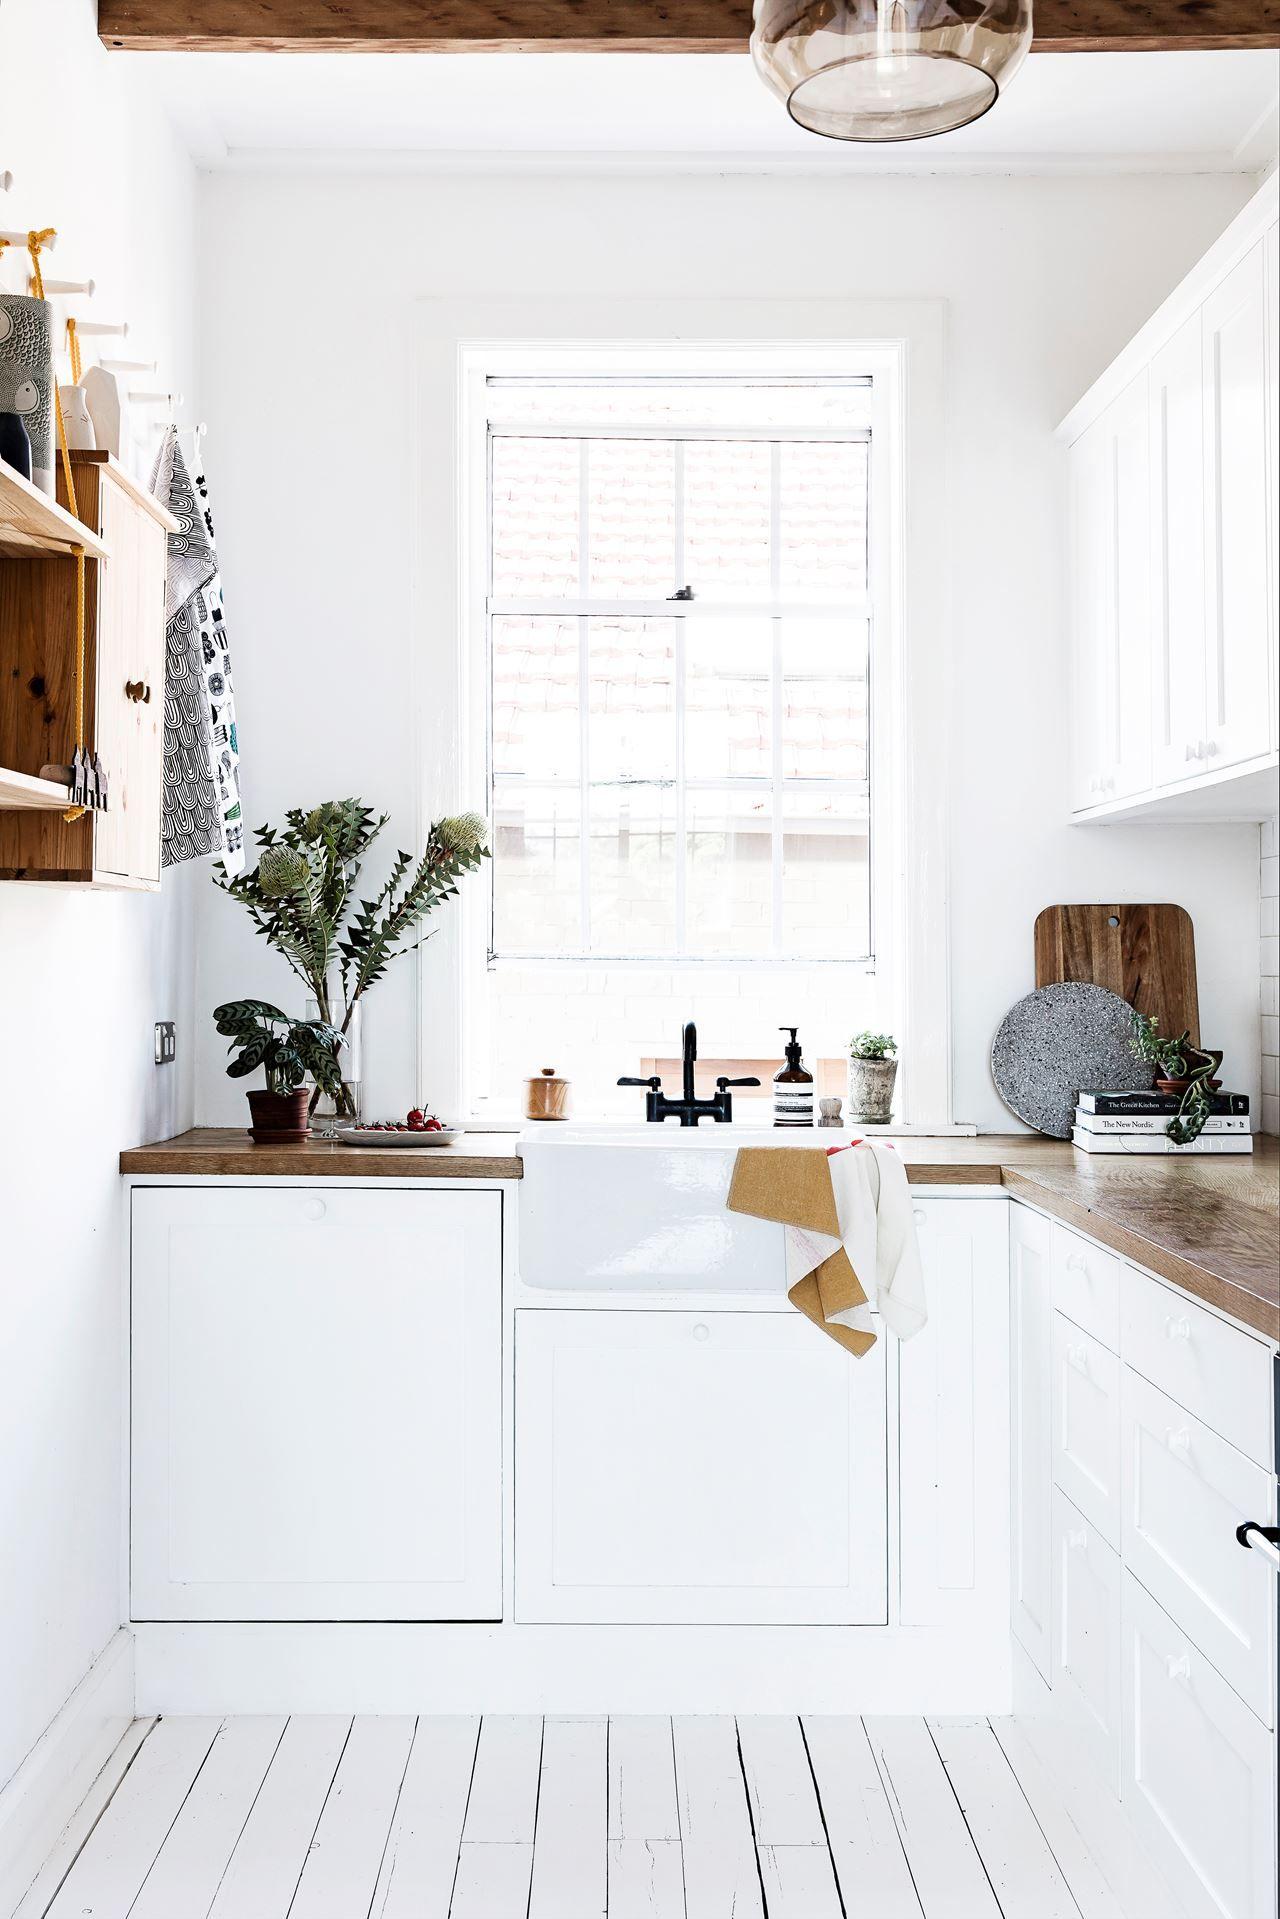 21 Contemporary Kitchens To Emulate | Waschbecken, Küche und Einfach